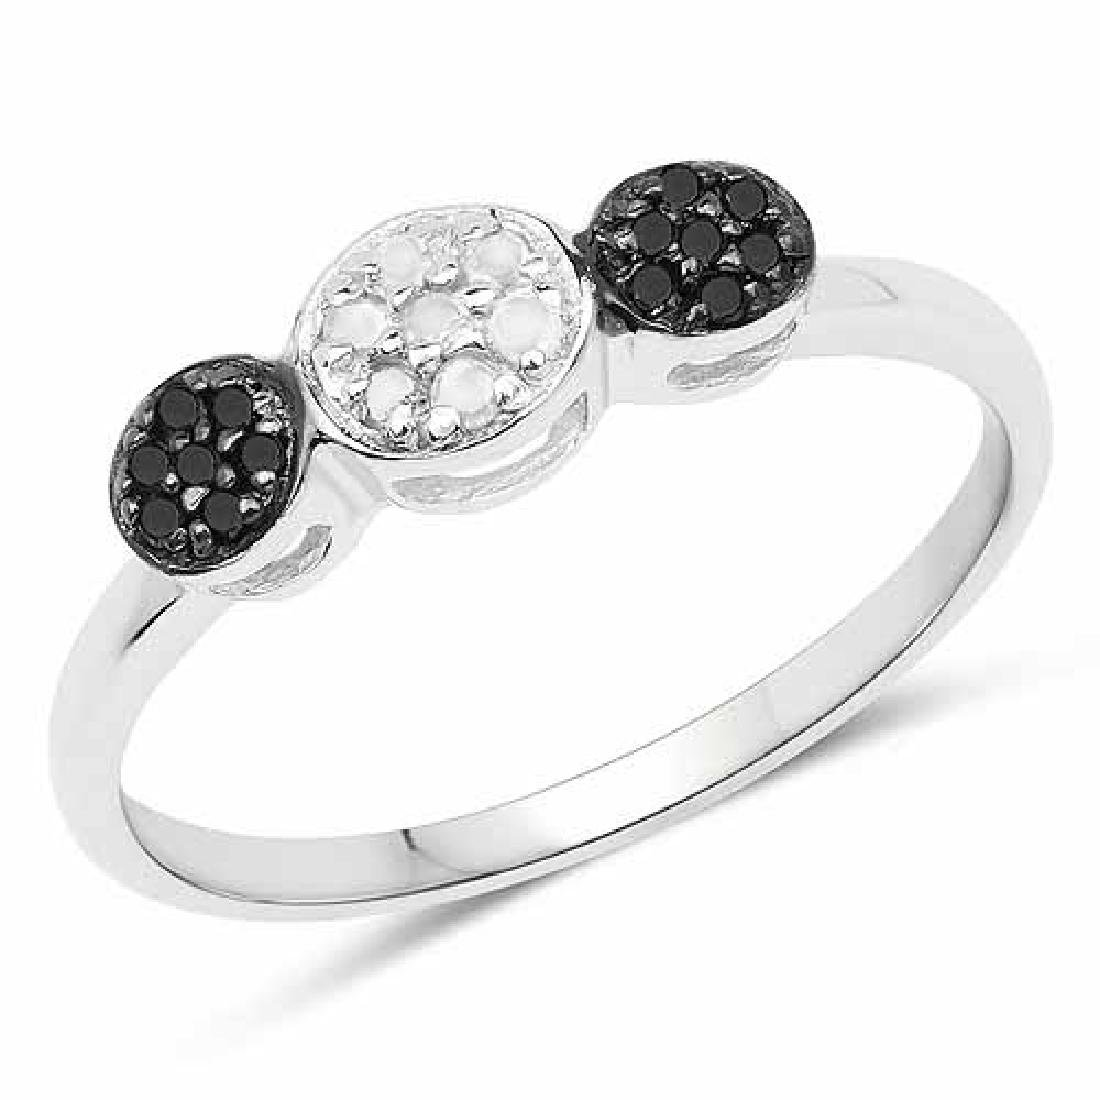 0.15 Carat Genuine White Diamond and Black Diamond .925